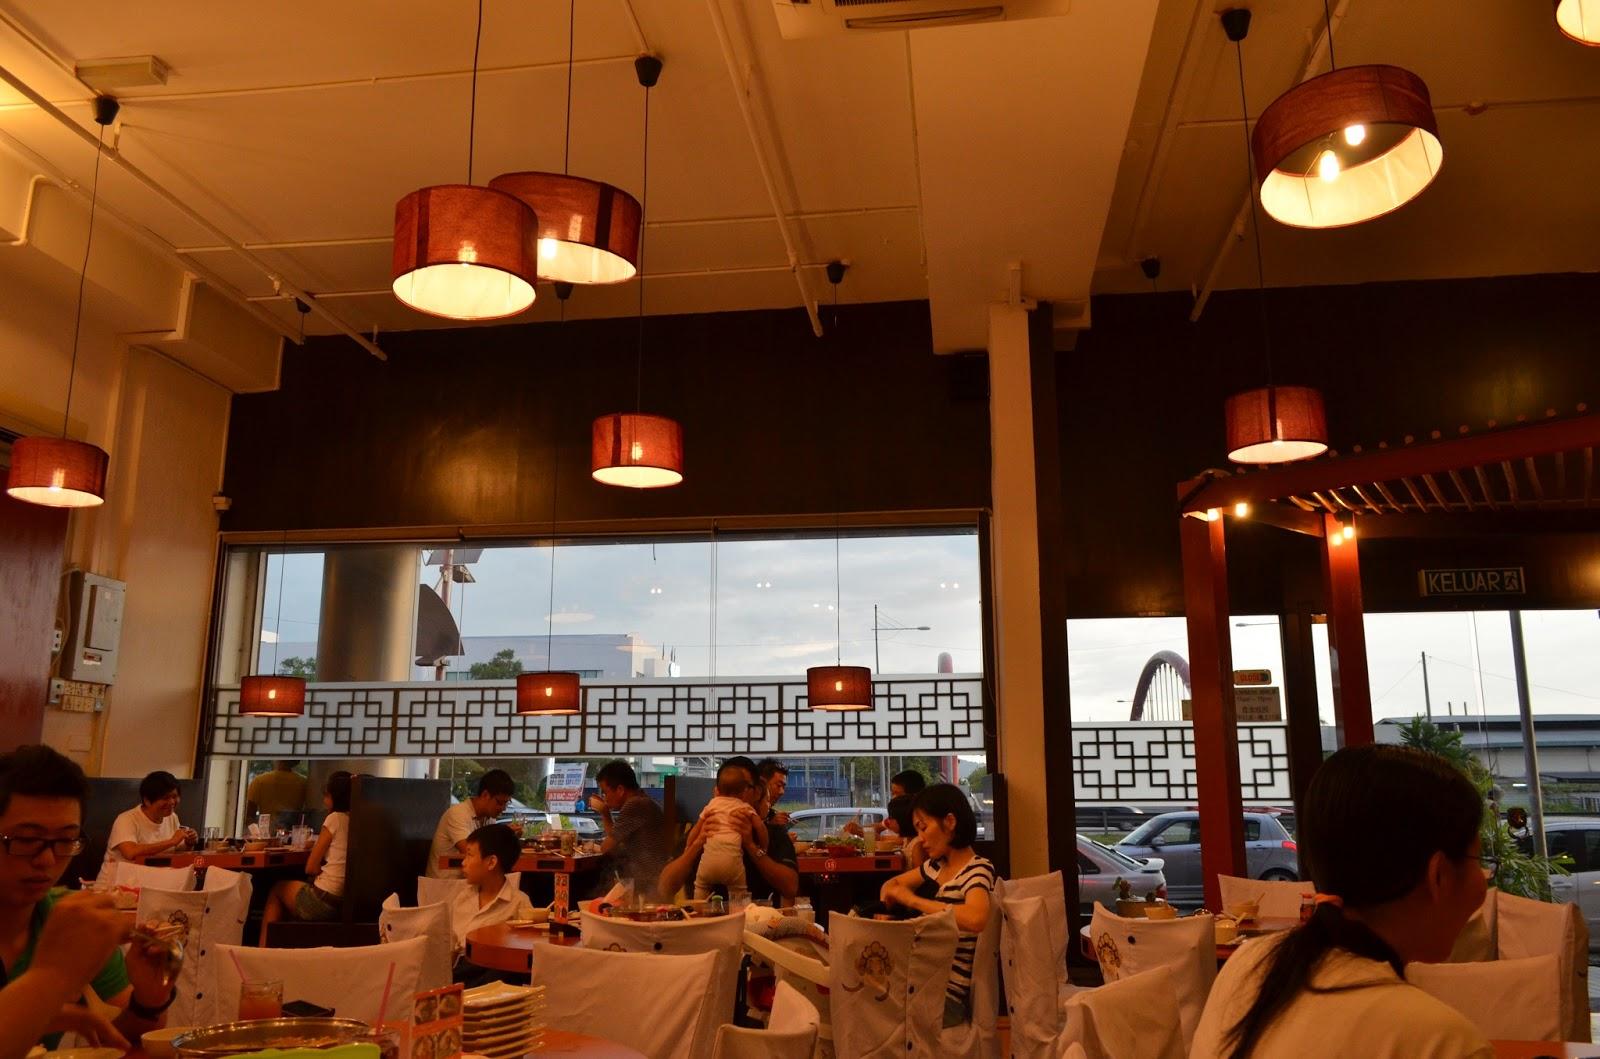 bayan lepas guys Enjoy guys thank you for penang bayan lepas - ah' basri satay restaurants taman sri tunas, bayan lepas (same roll with bank muamalat at bayan lepas.